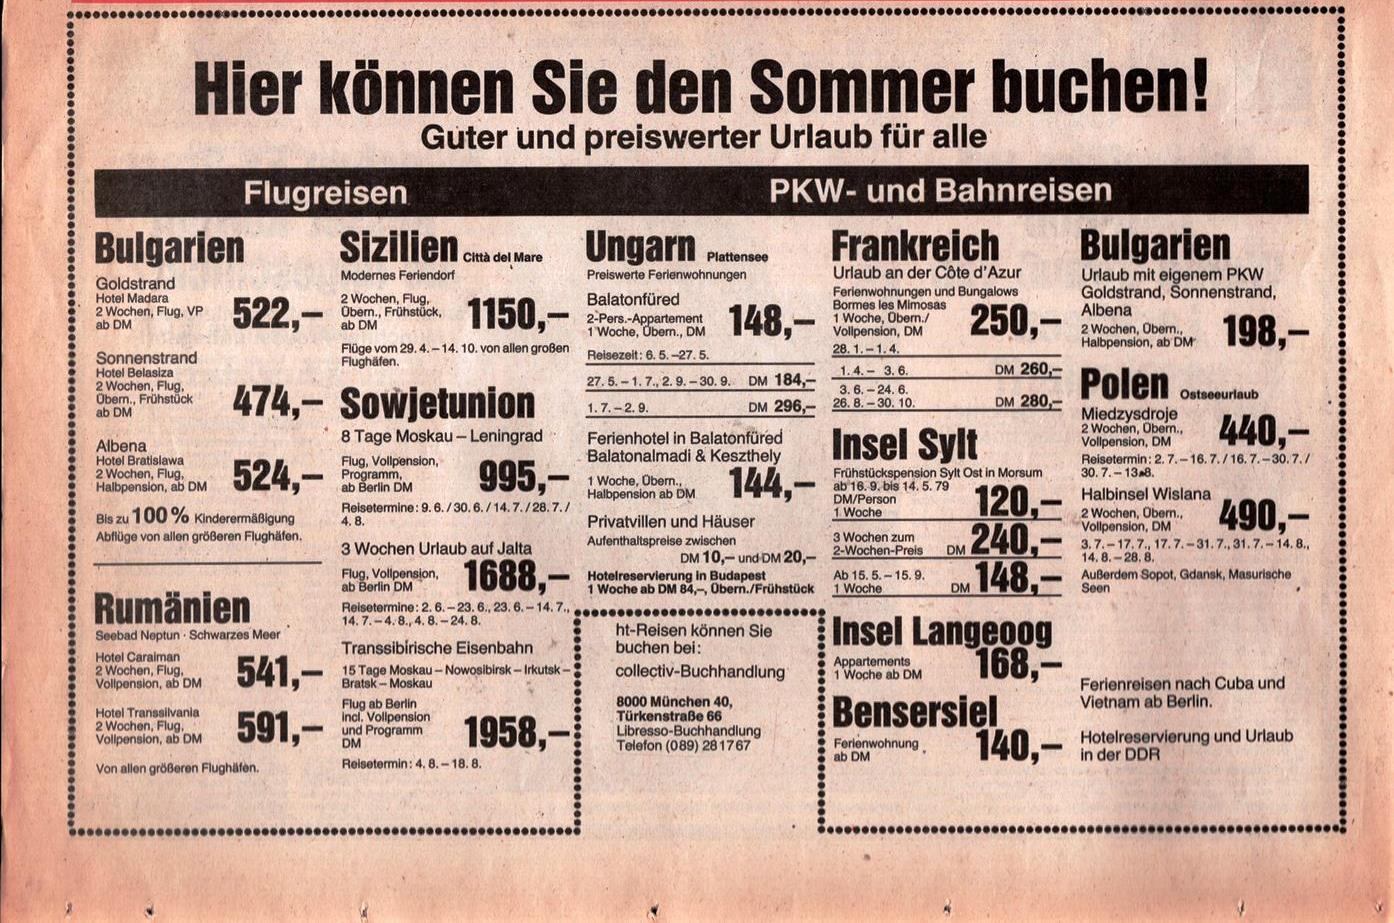 Muenchen_DKP_Neues_Muenchen_19780200_002_008